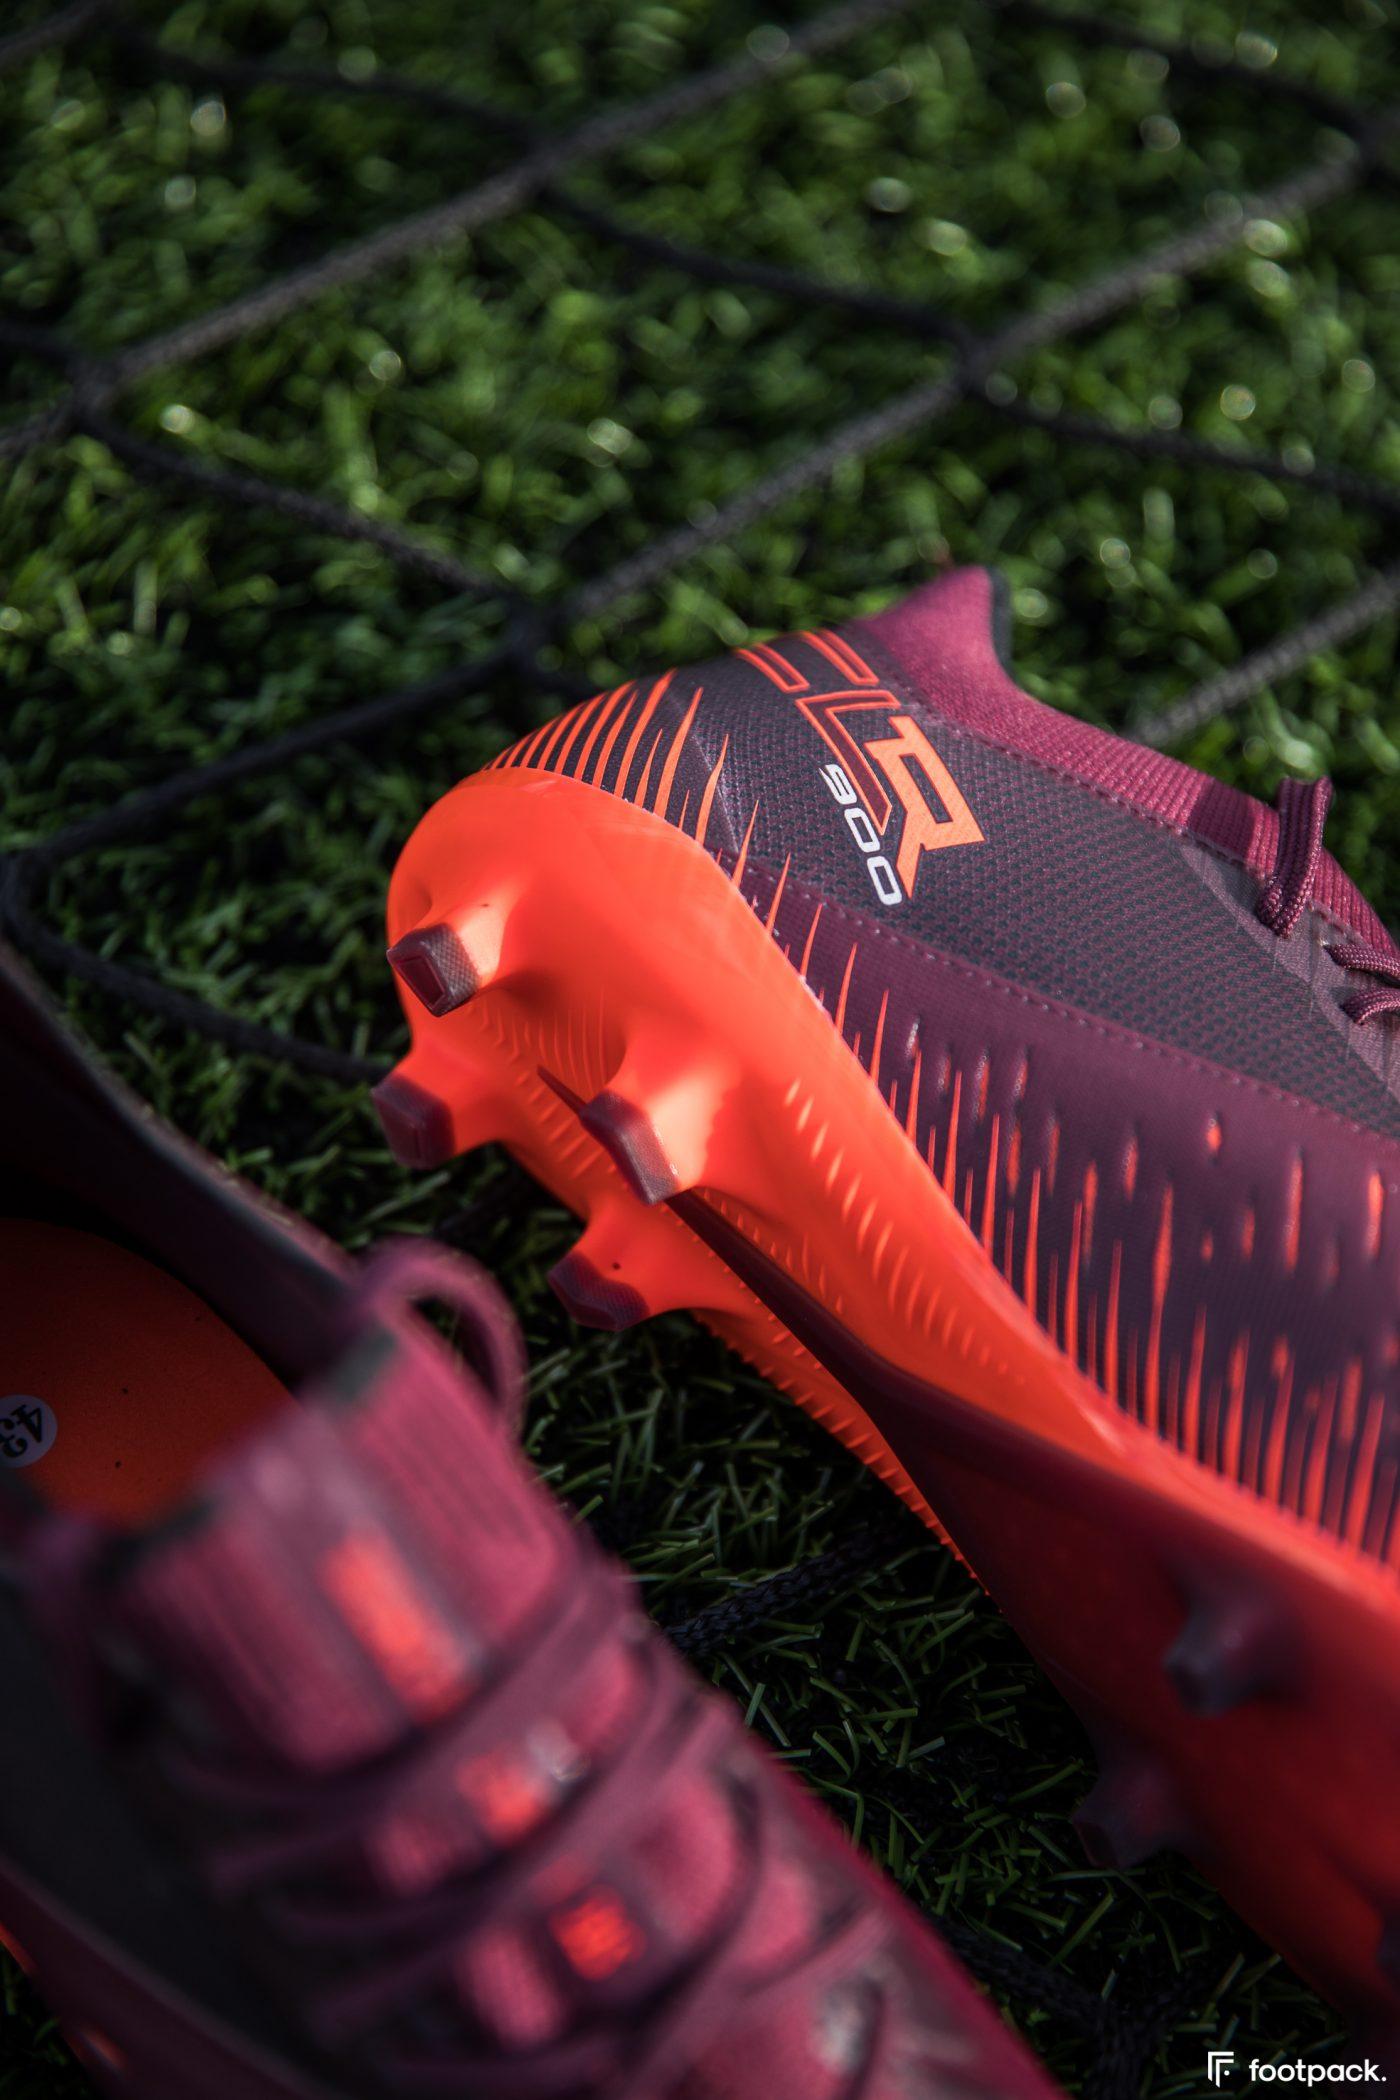 kipsta-clr-footpack-5